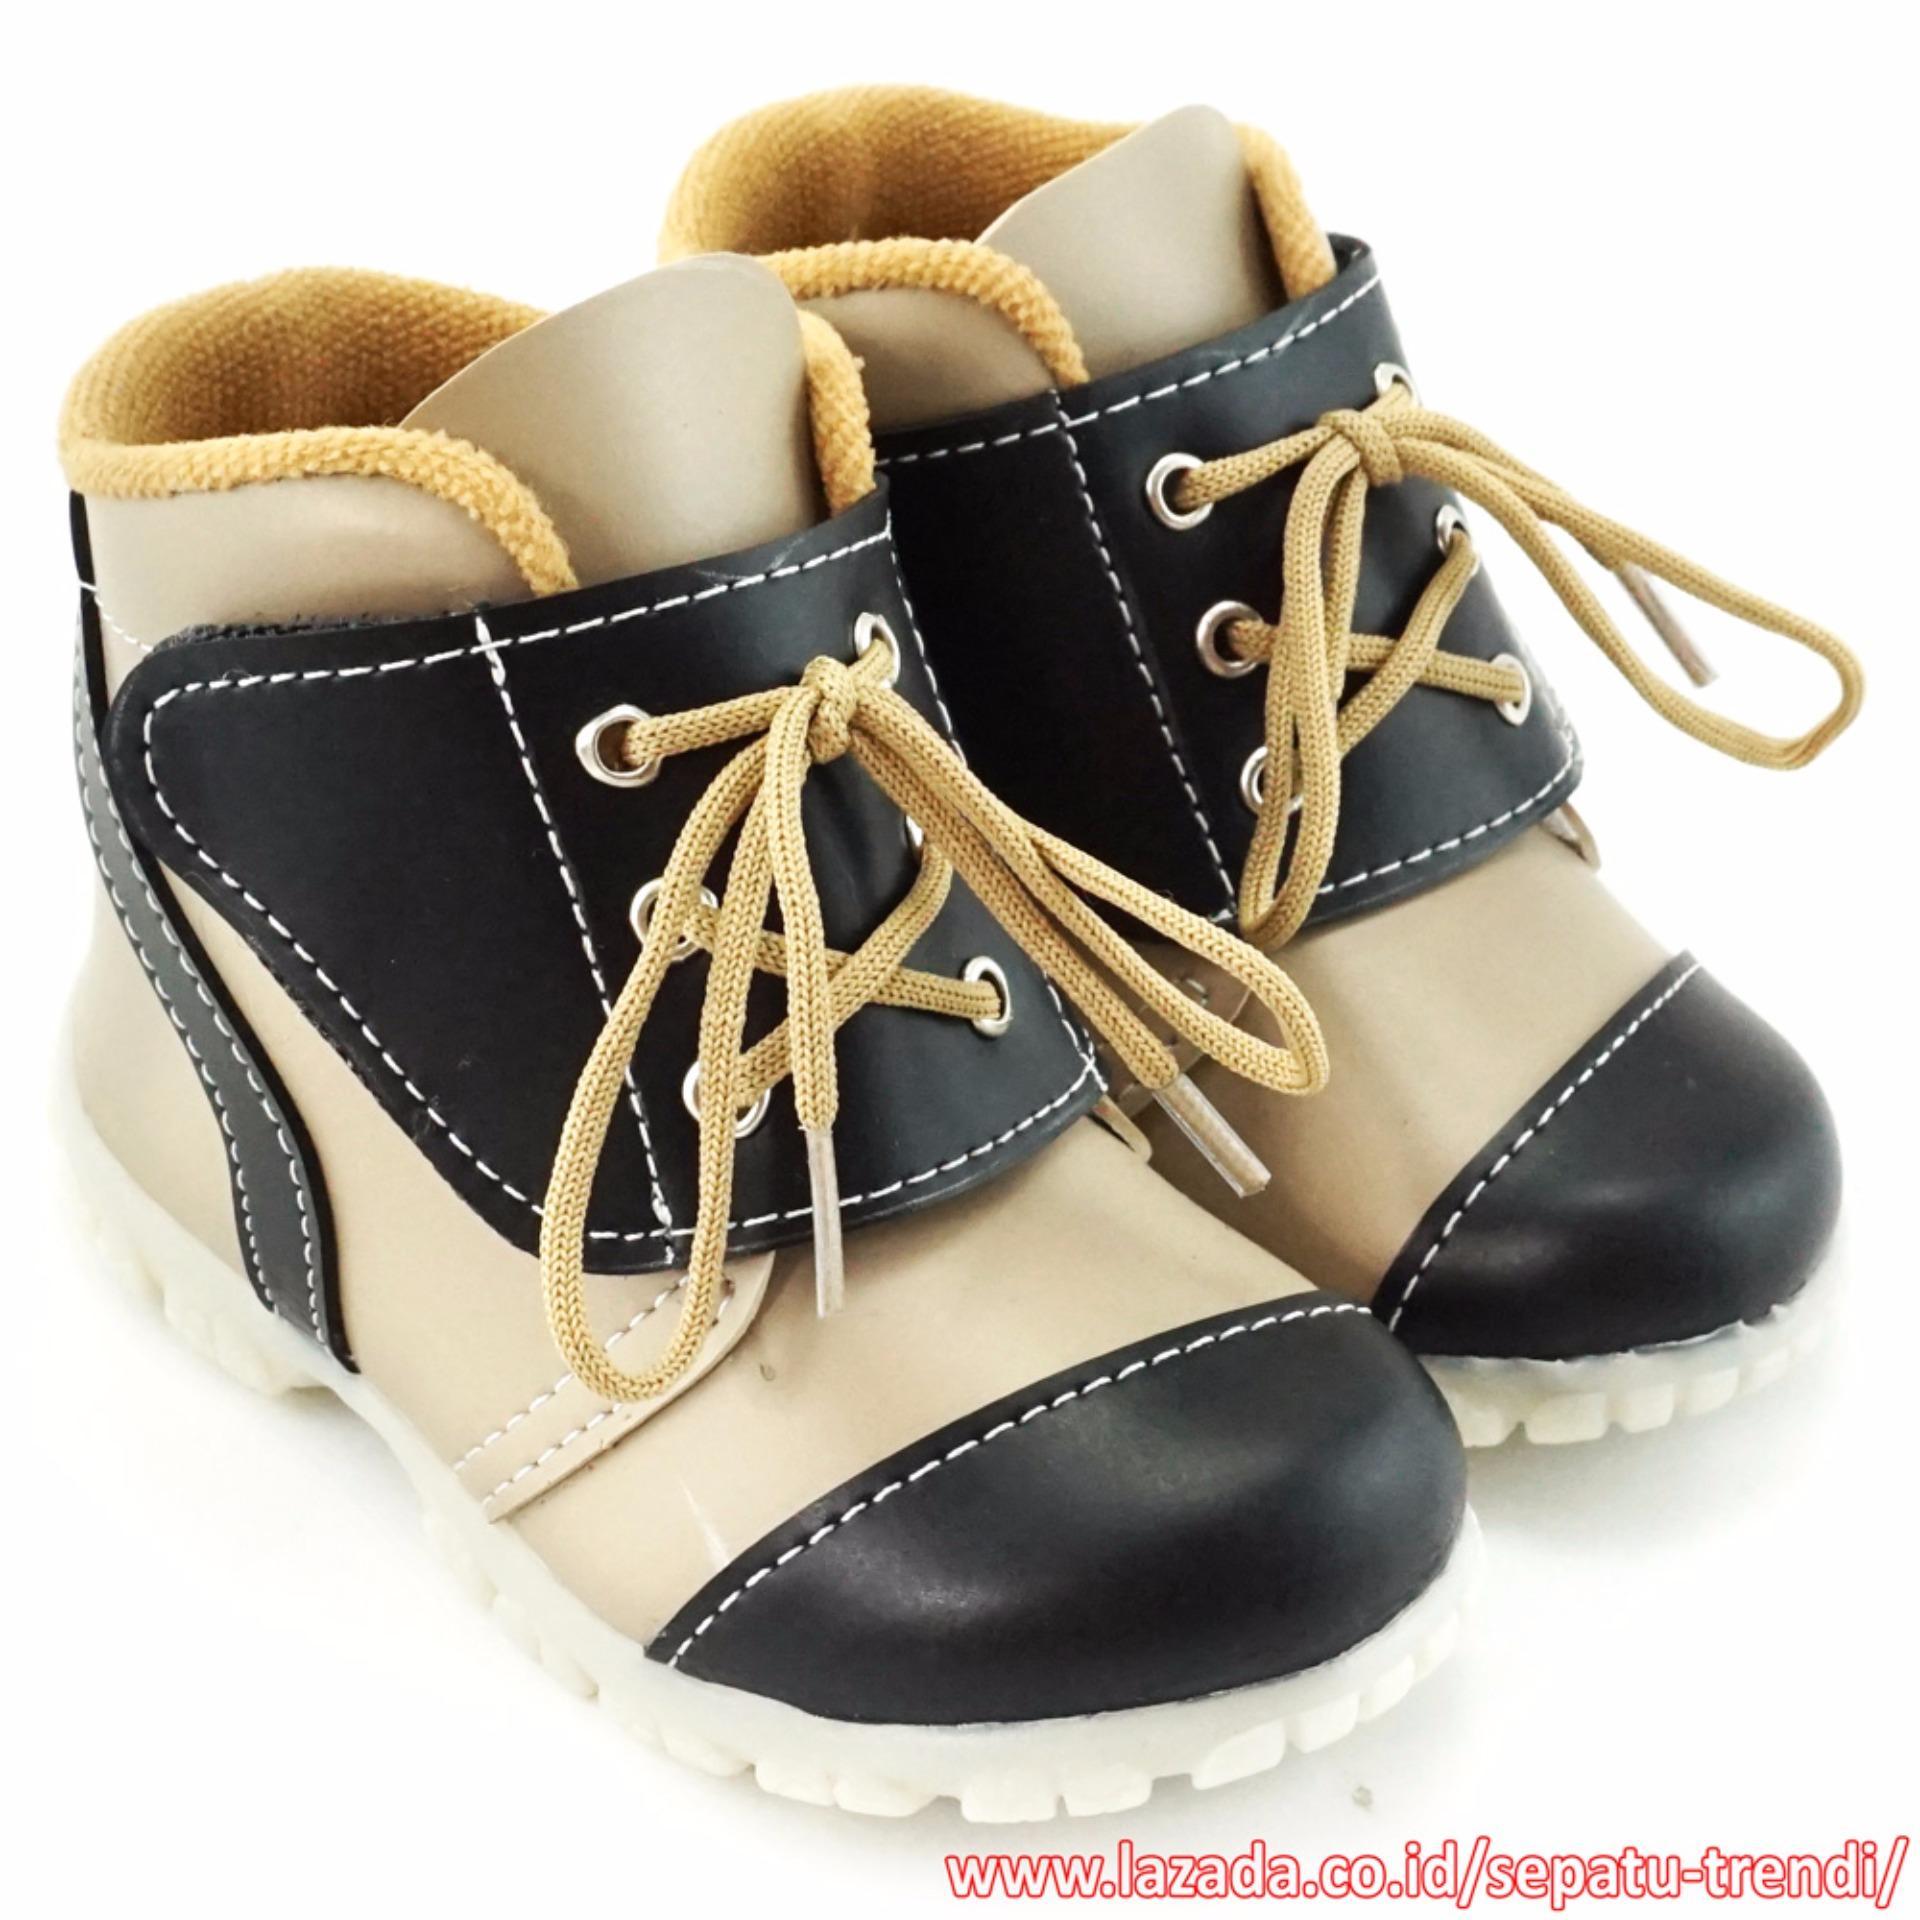 Spesifikasi Trendishoes Sepatu Boot Anak Bayi Walker 3Lv Beige Murah